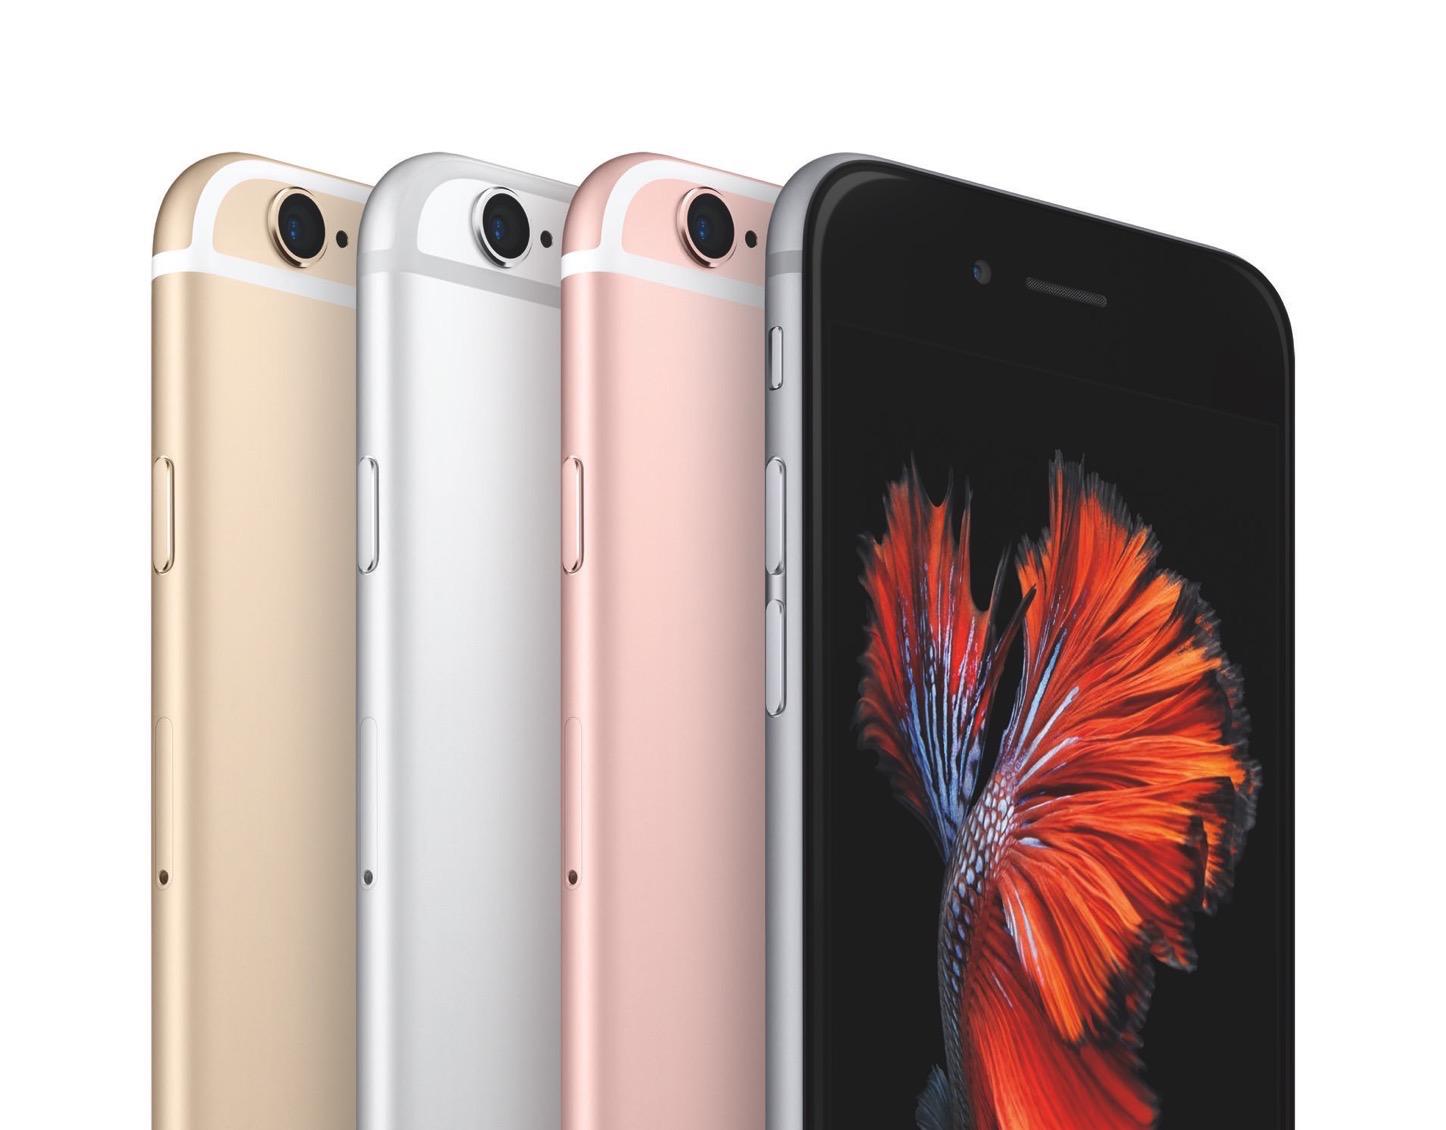 iPhone6s-6sPlus-1-2